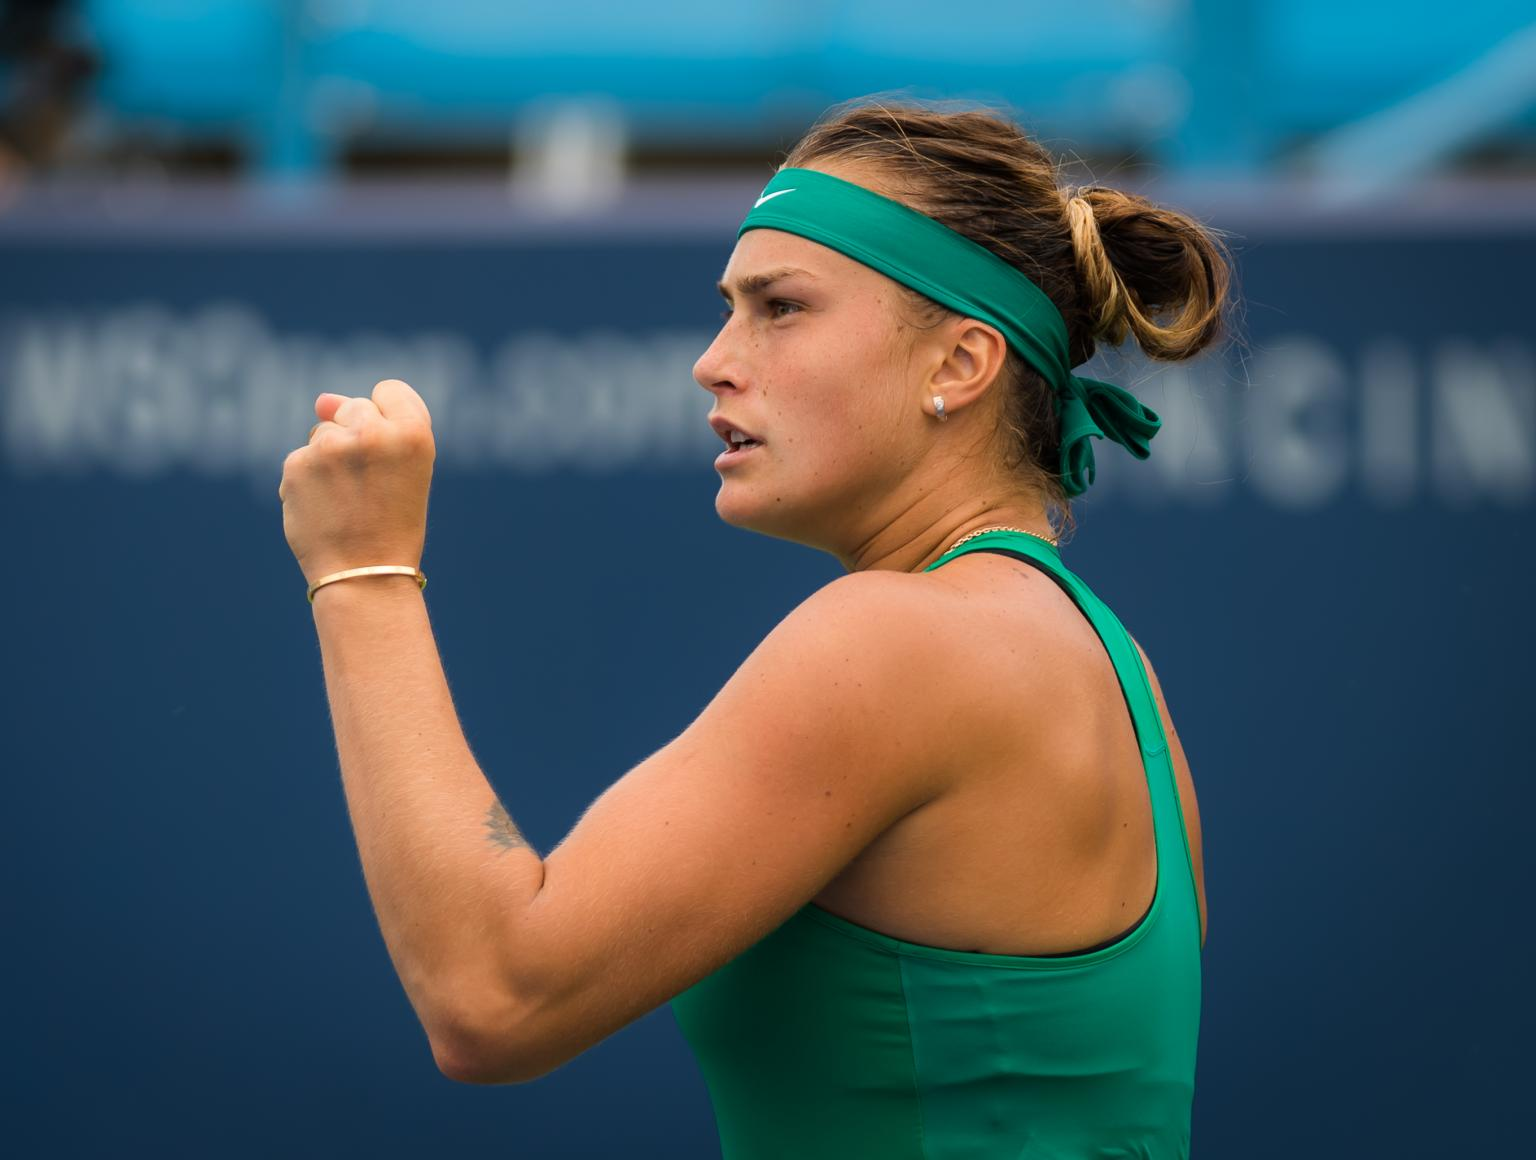 Ставки на матч Риске – Плишкова Ка, прогноз на теннис от 21.09.2018